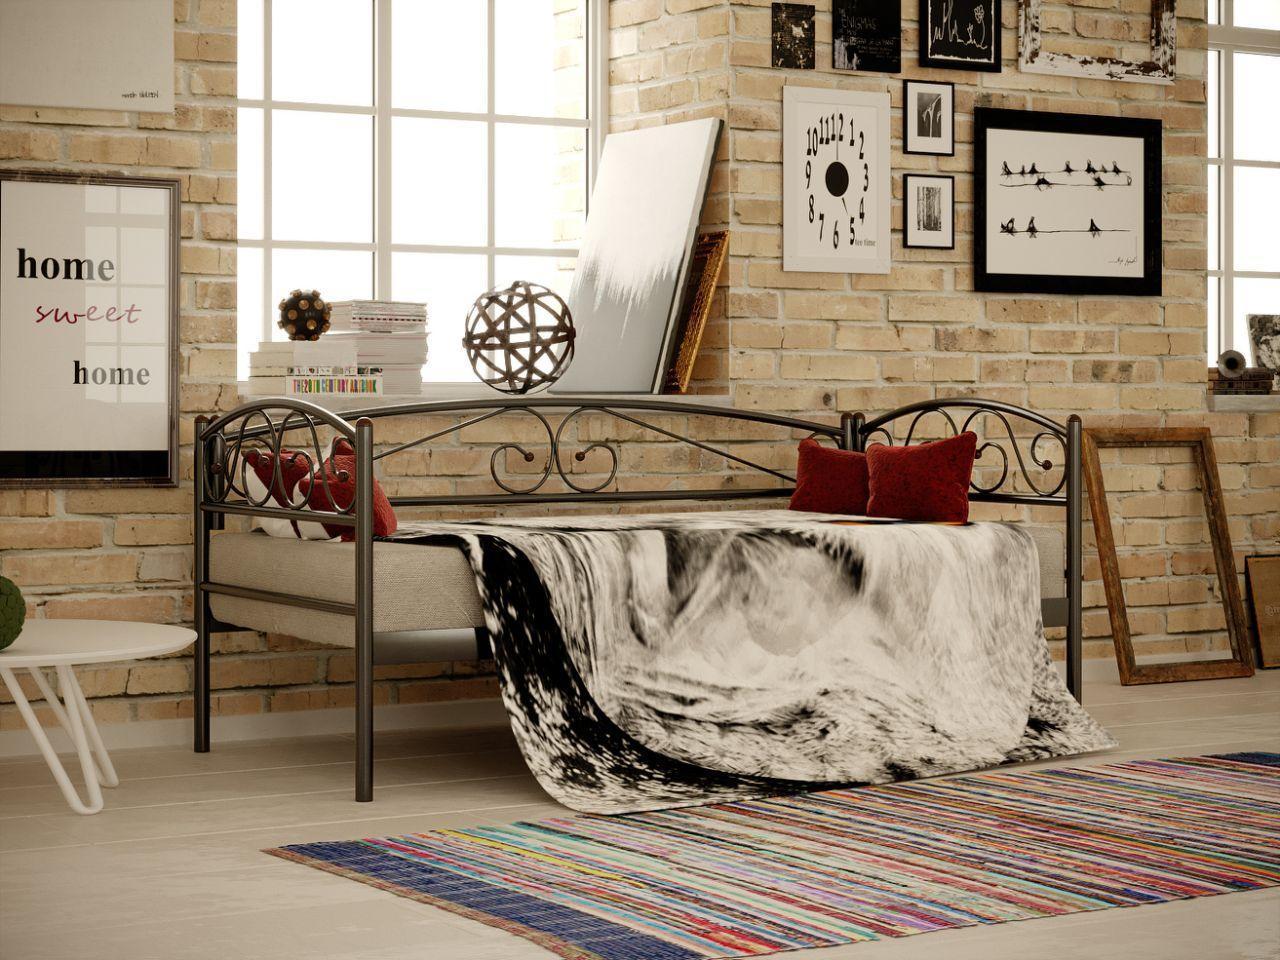 Кровать металлическая ВЕРОНА ЛЮКС (VERONA LUX) кровать-диван